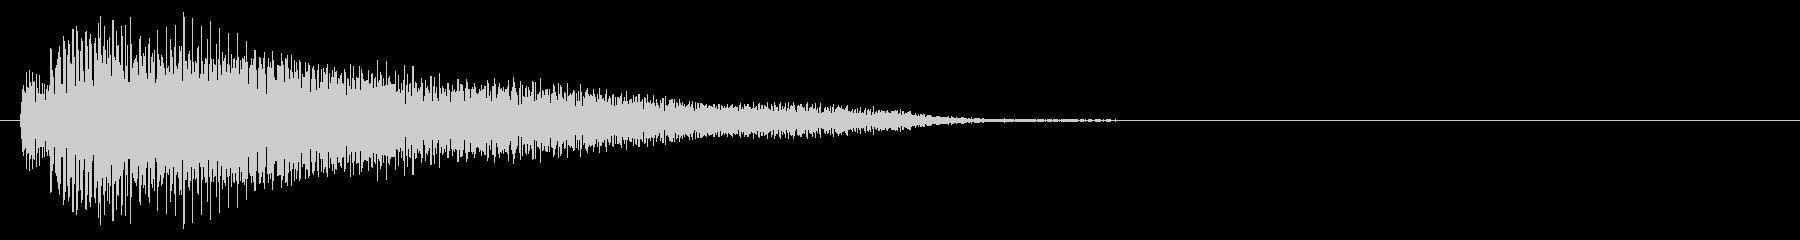 電子音系 タッチ音4(複)の未再生の波形